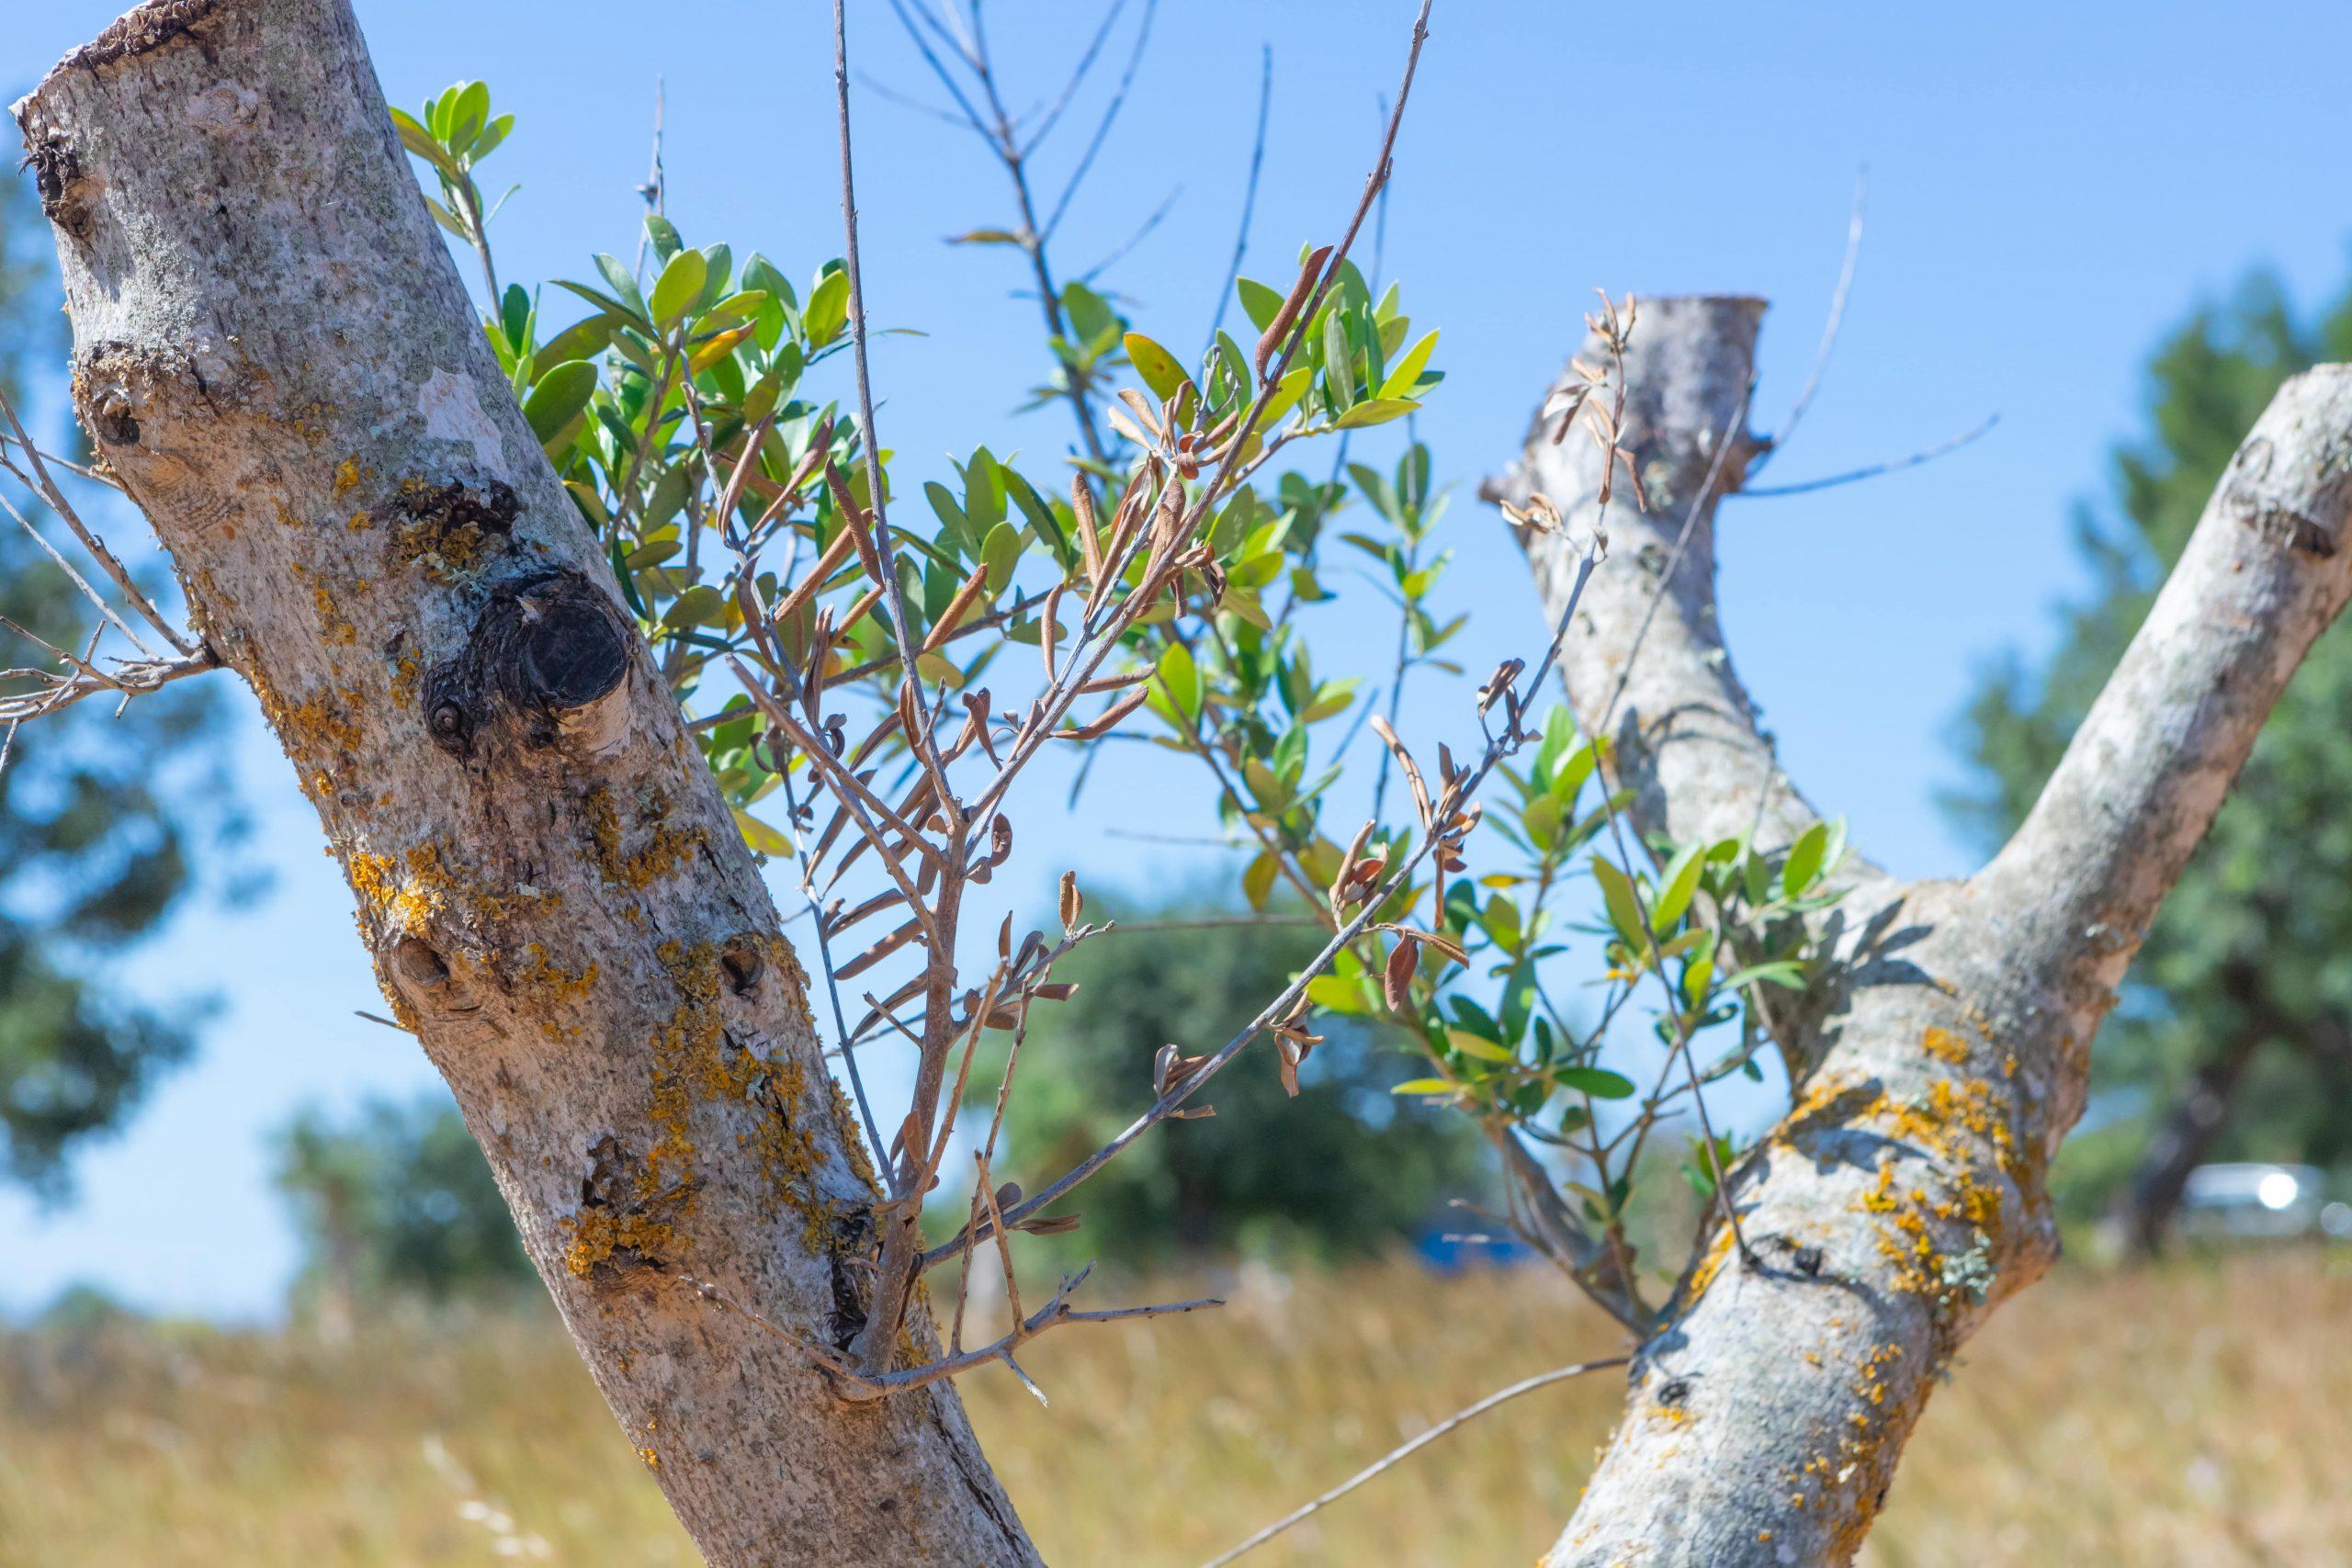 xylella fastidiosa symtoms